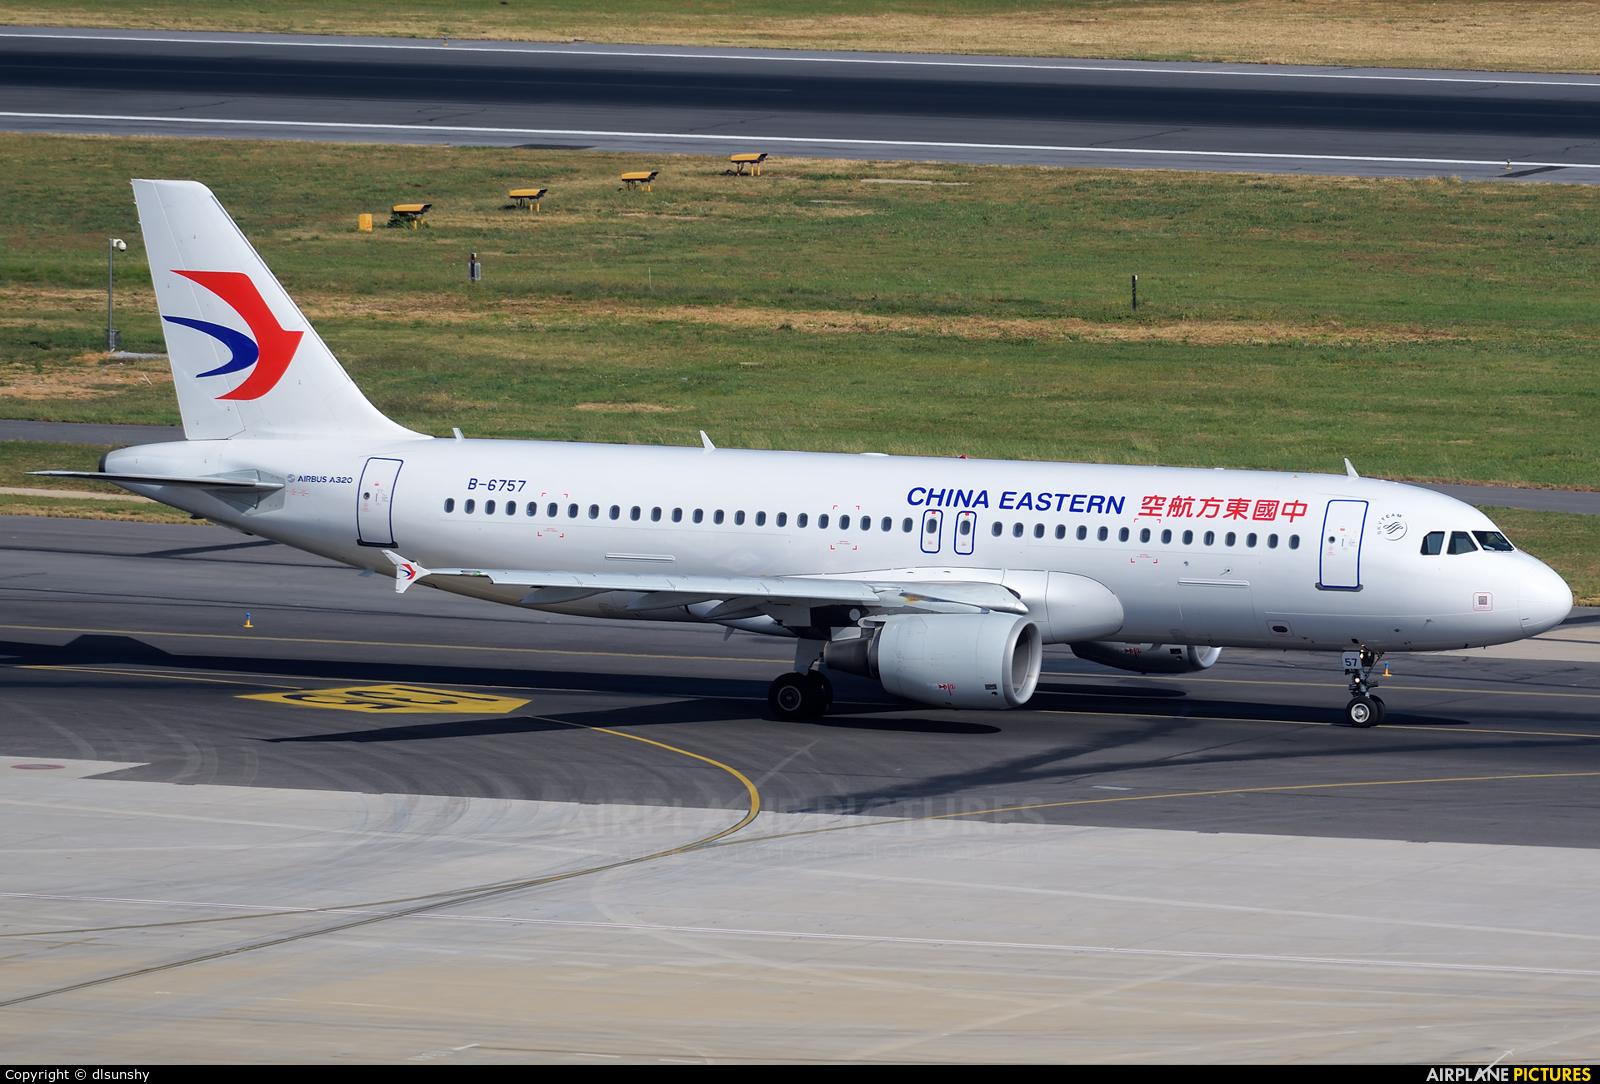 China Eastern Airlines B-6757 aircraft at Dalian Zhoushuizi Int'l